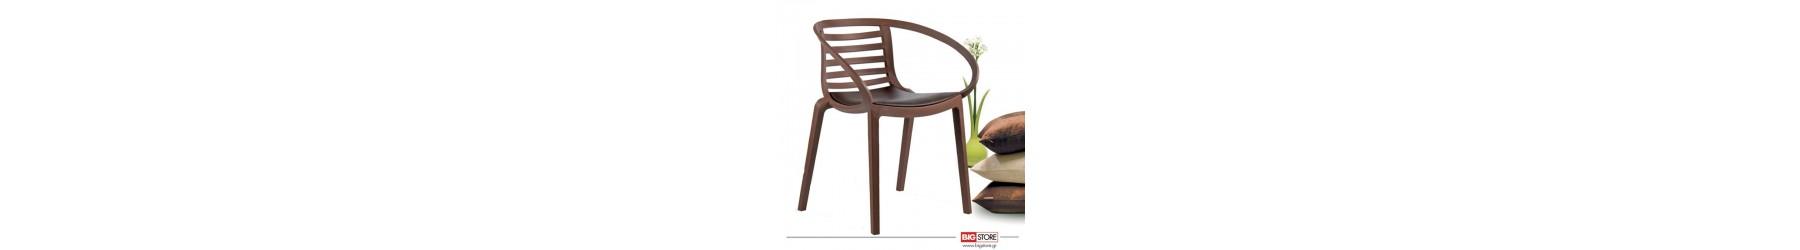 Καρέκλες για επαγγελματικούς χώρους εστίασης